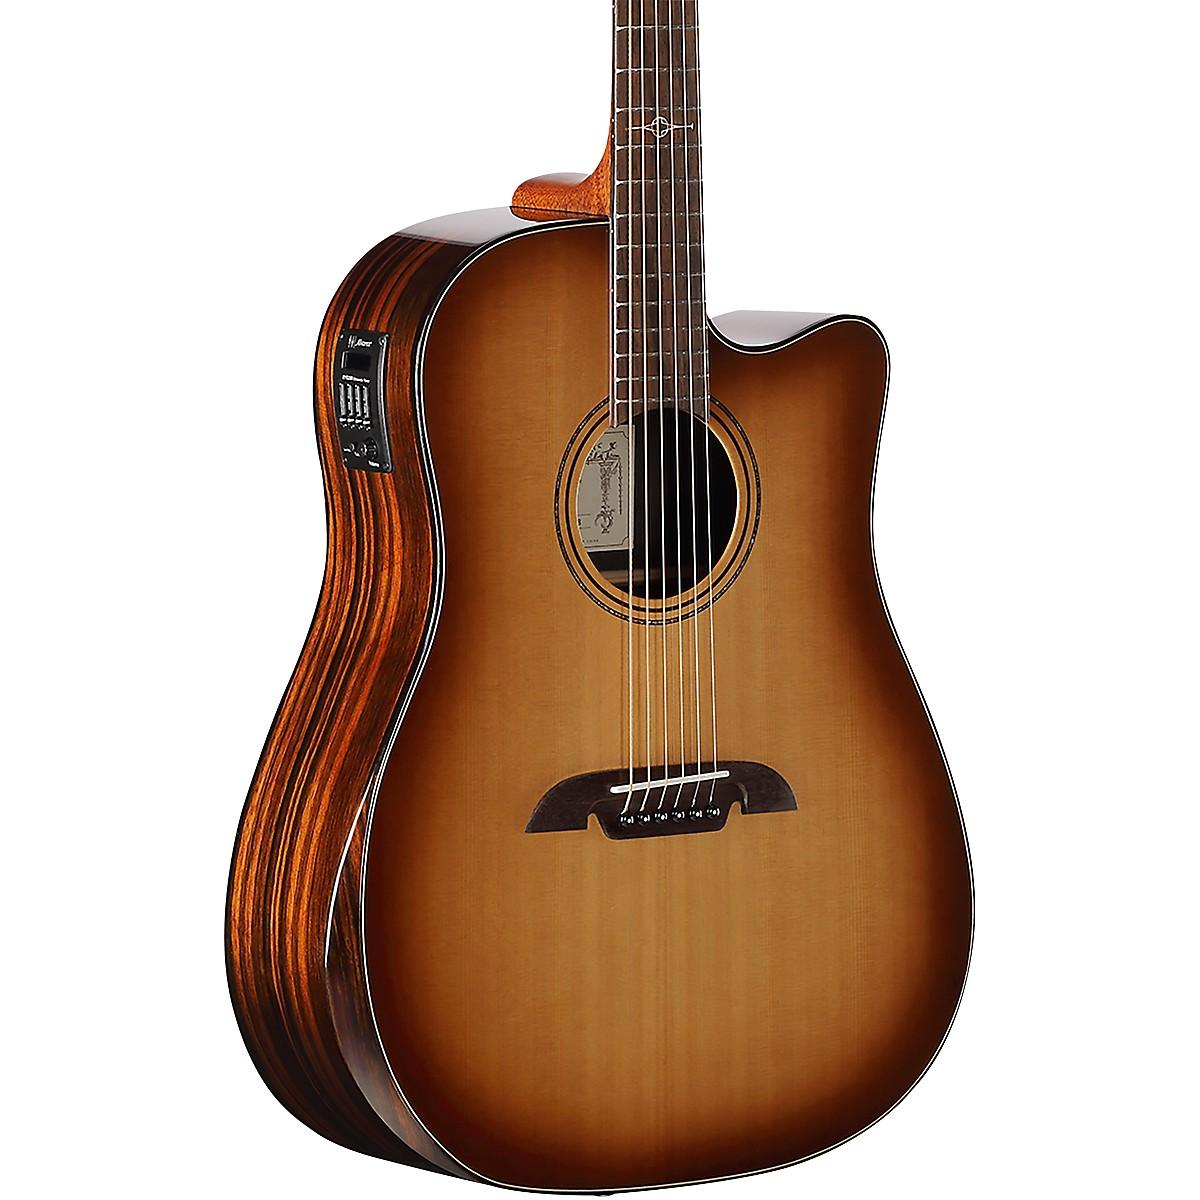 Alvarez ADE915CEAR-SHB Artist Elite Shadowburst Dreadnought Acoustic-Electric Guitar